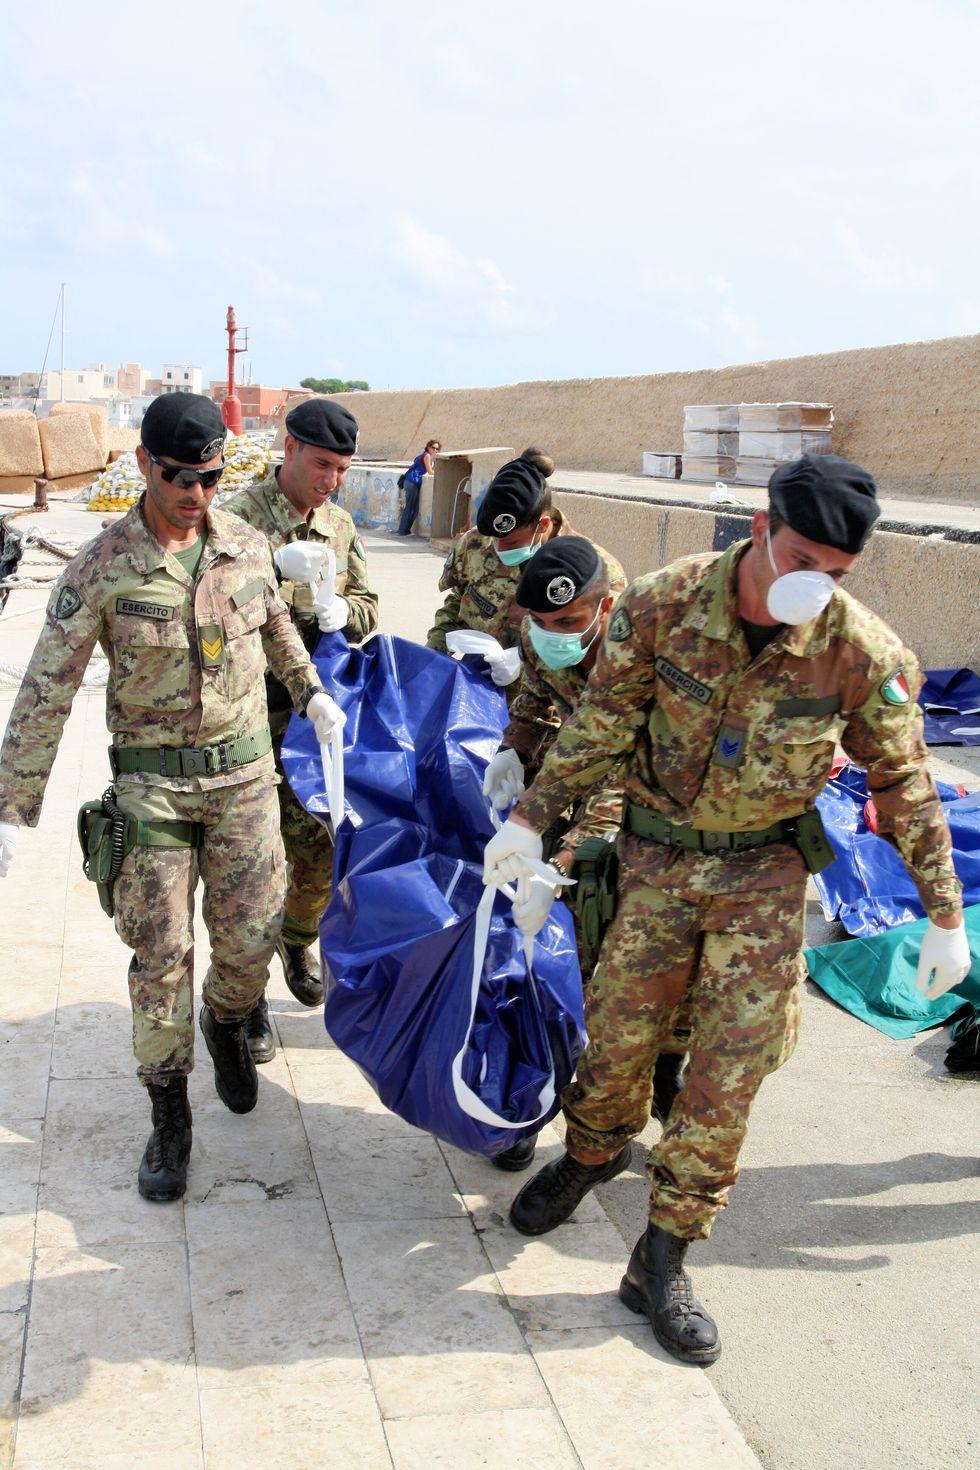 Arriva l'esercito a Lampedusa